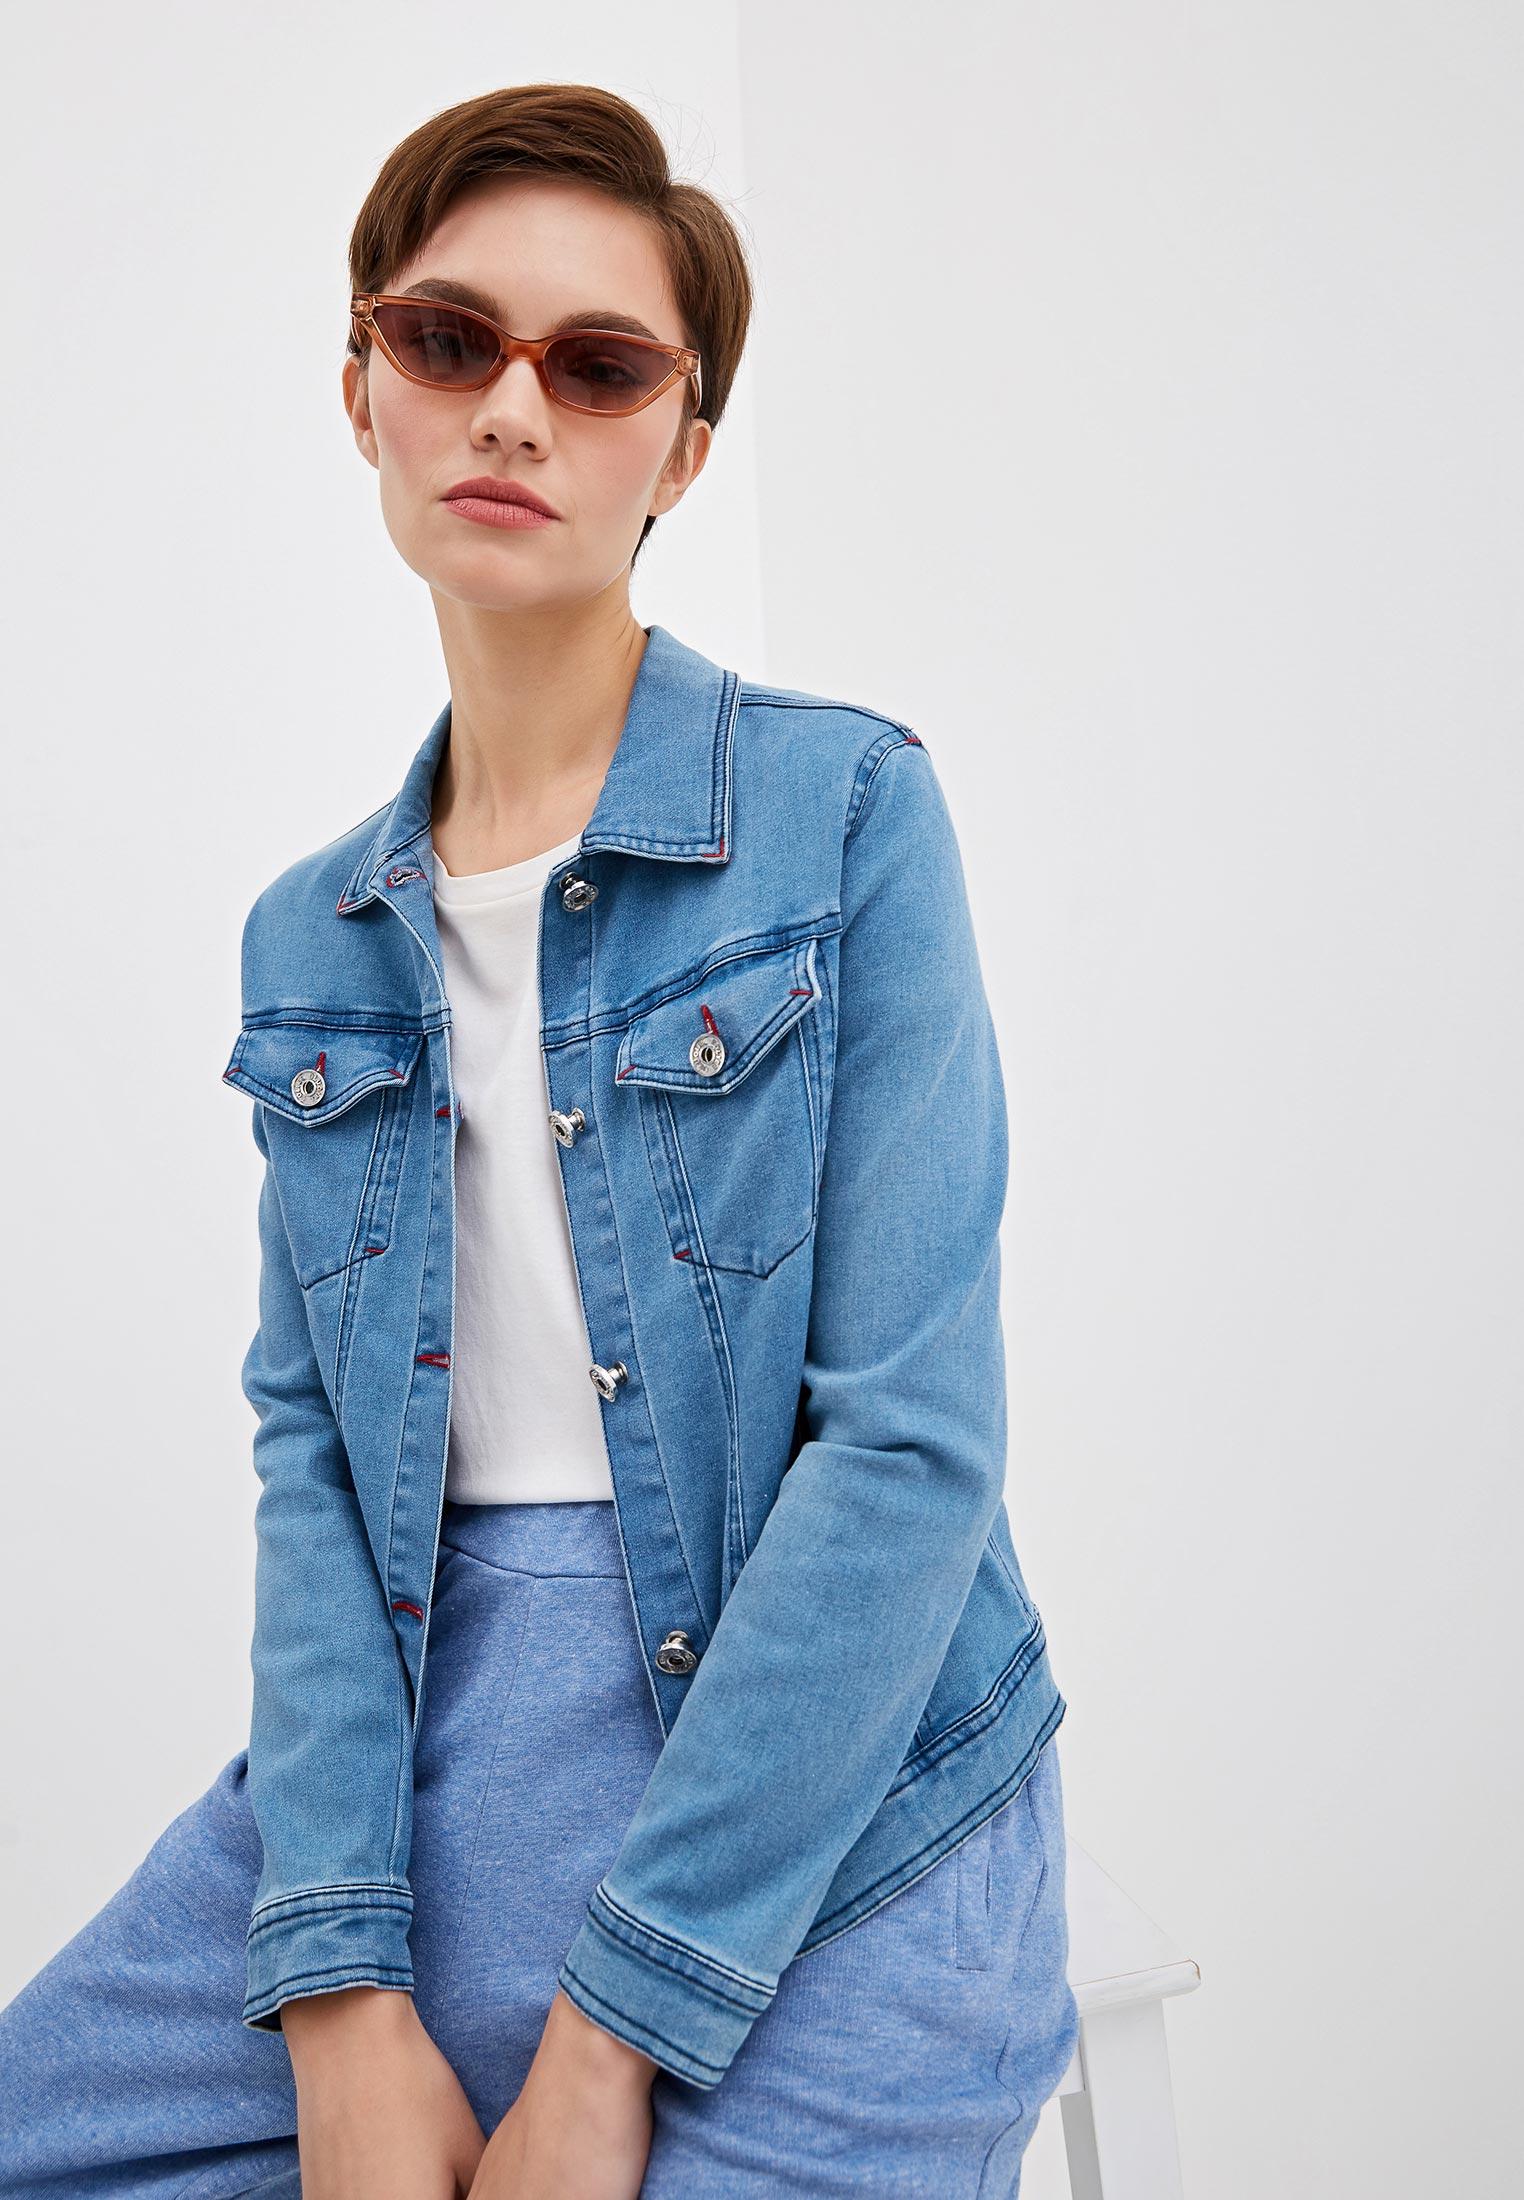 Джинсовая куртка Blugirl Folies 608-6324-1290